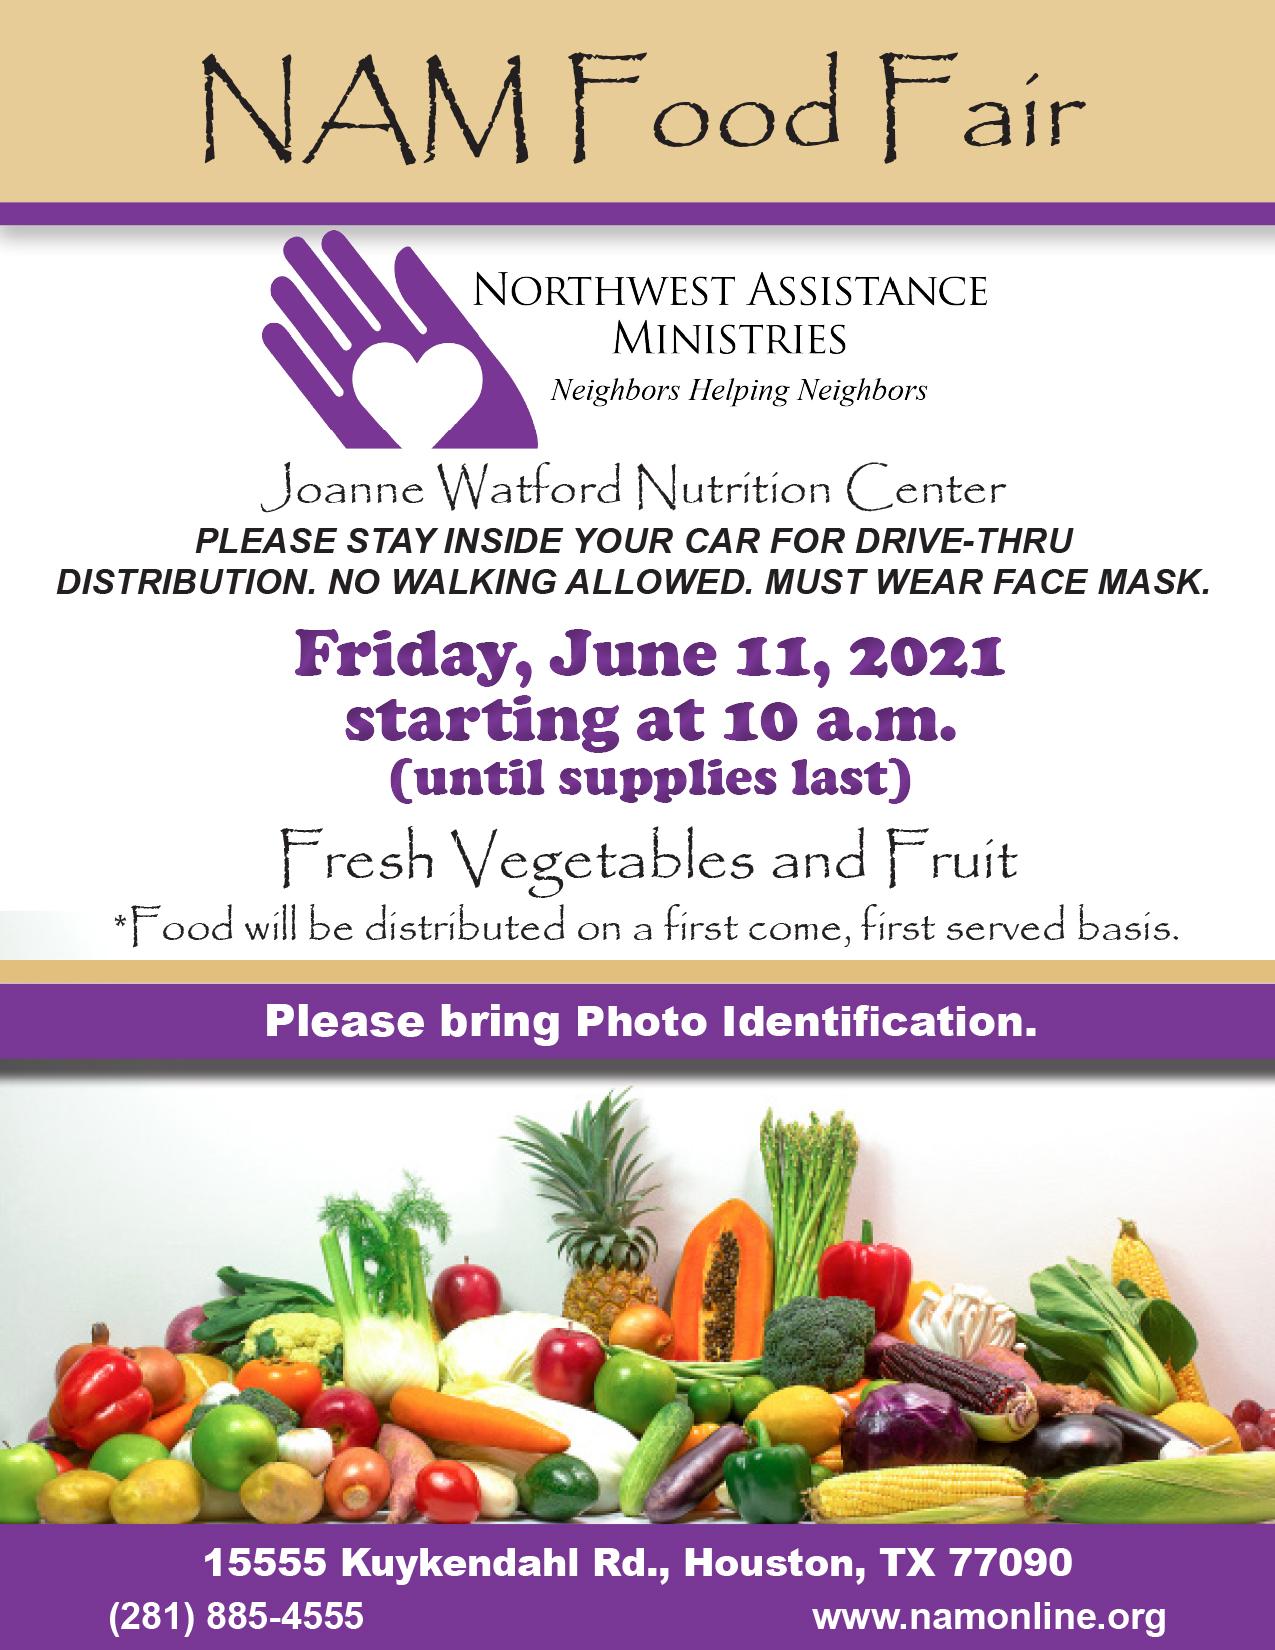 NAM Food Fair June 11, 2021